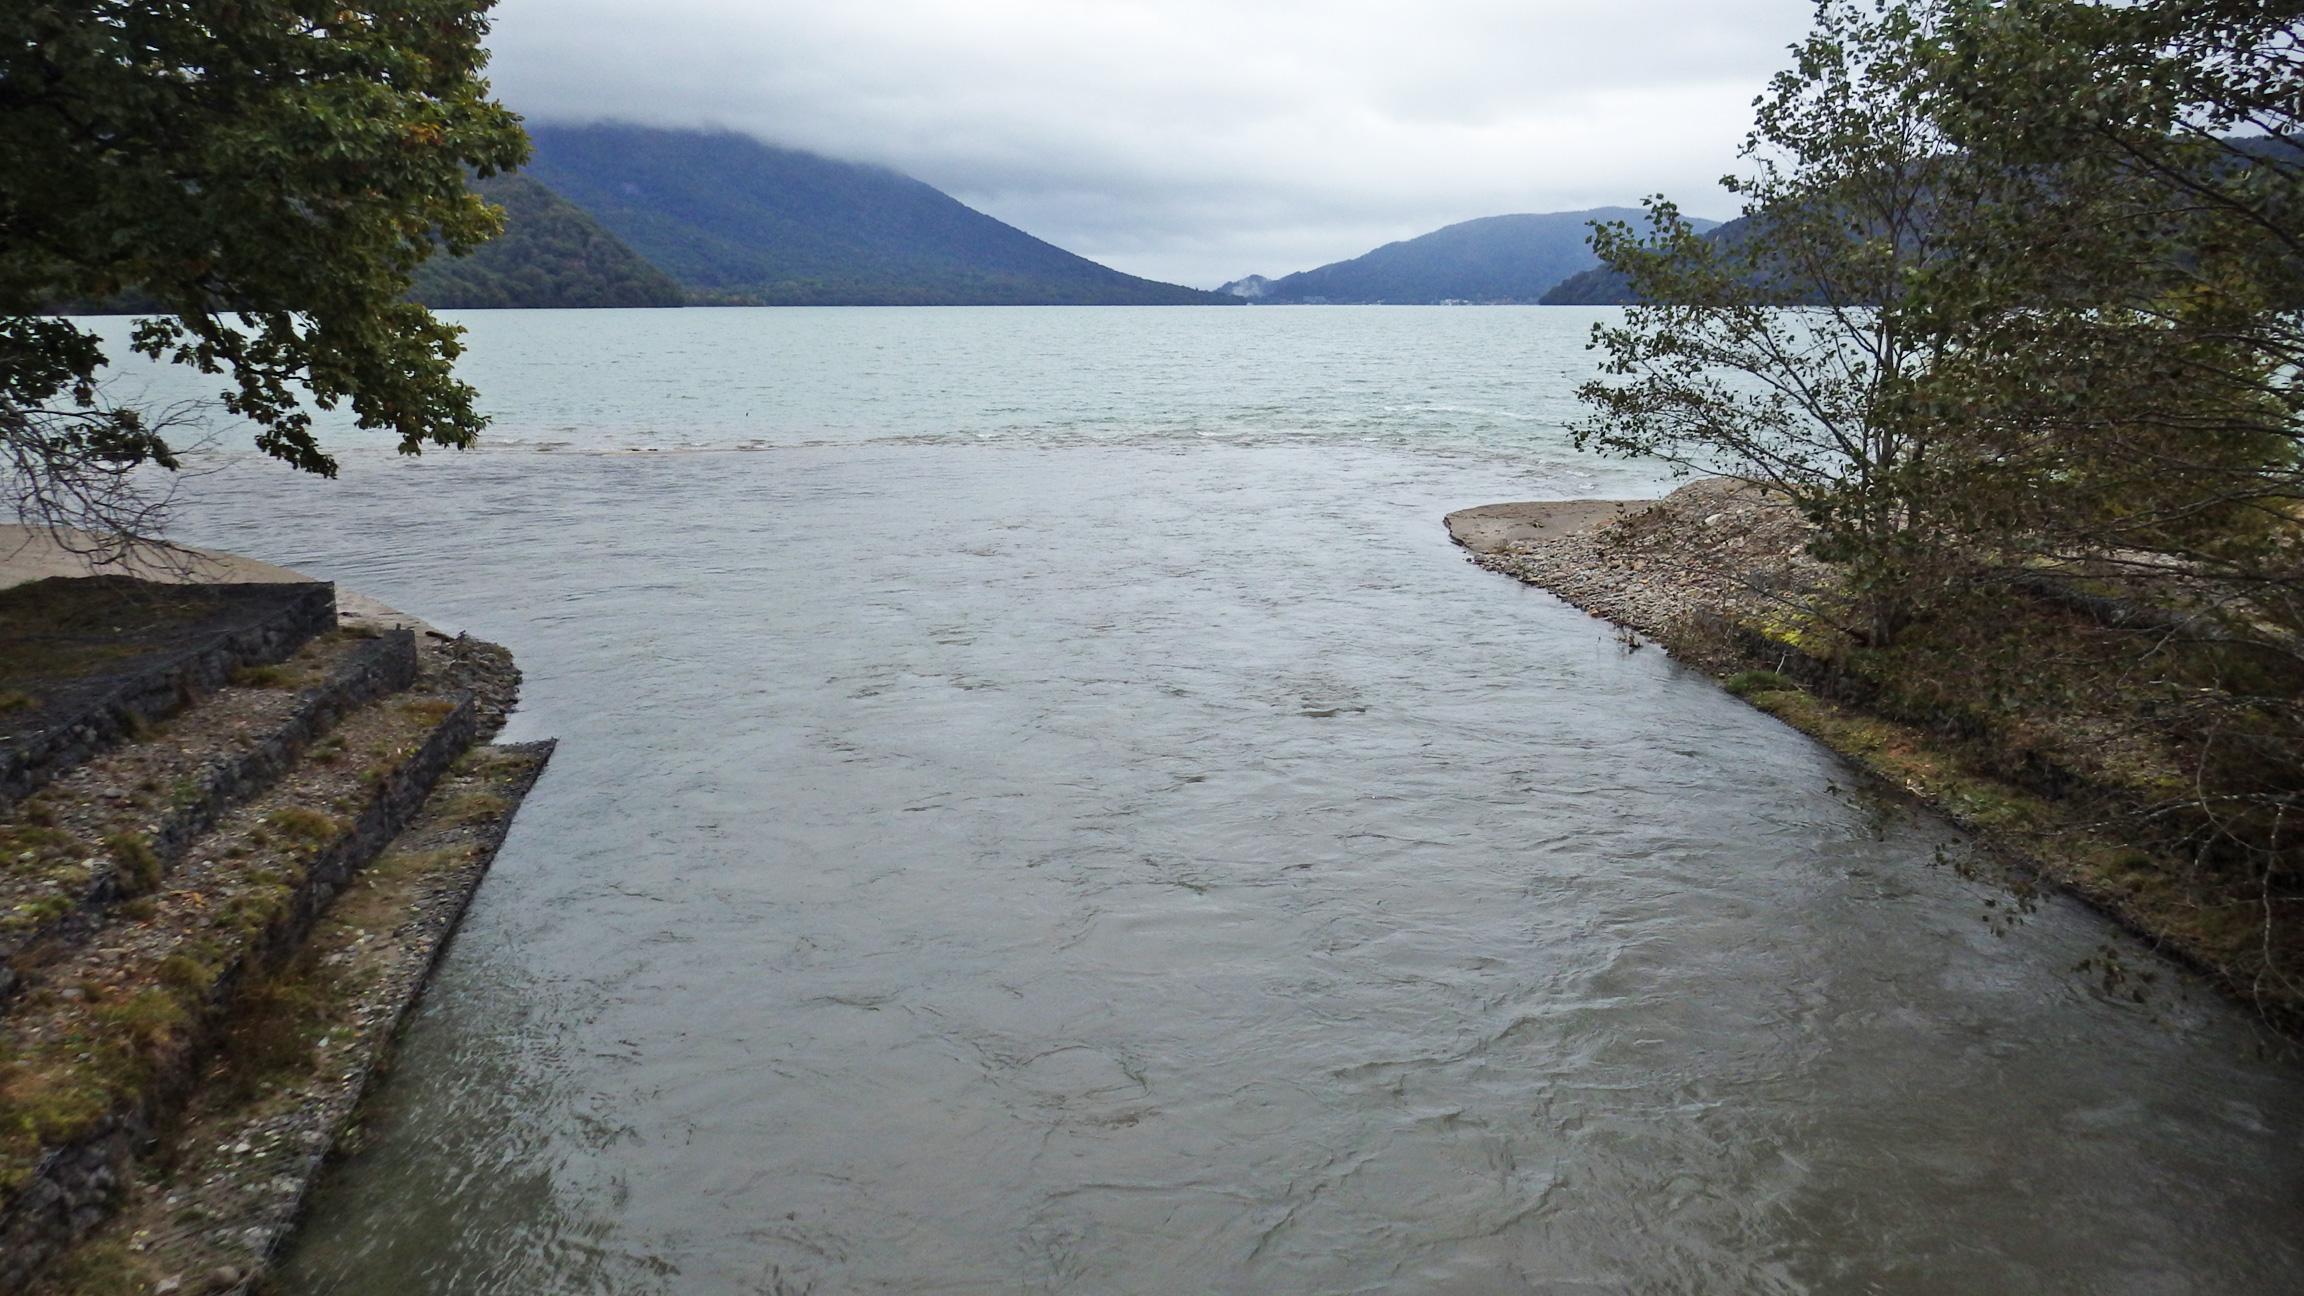 湯川が中禅寺湖に注ぎ込む河口